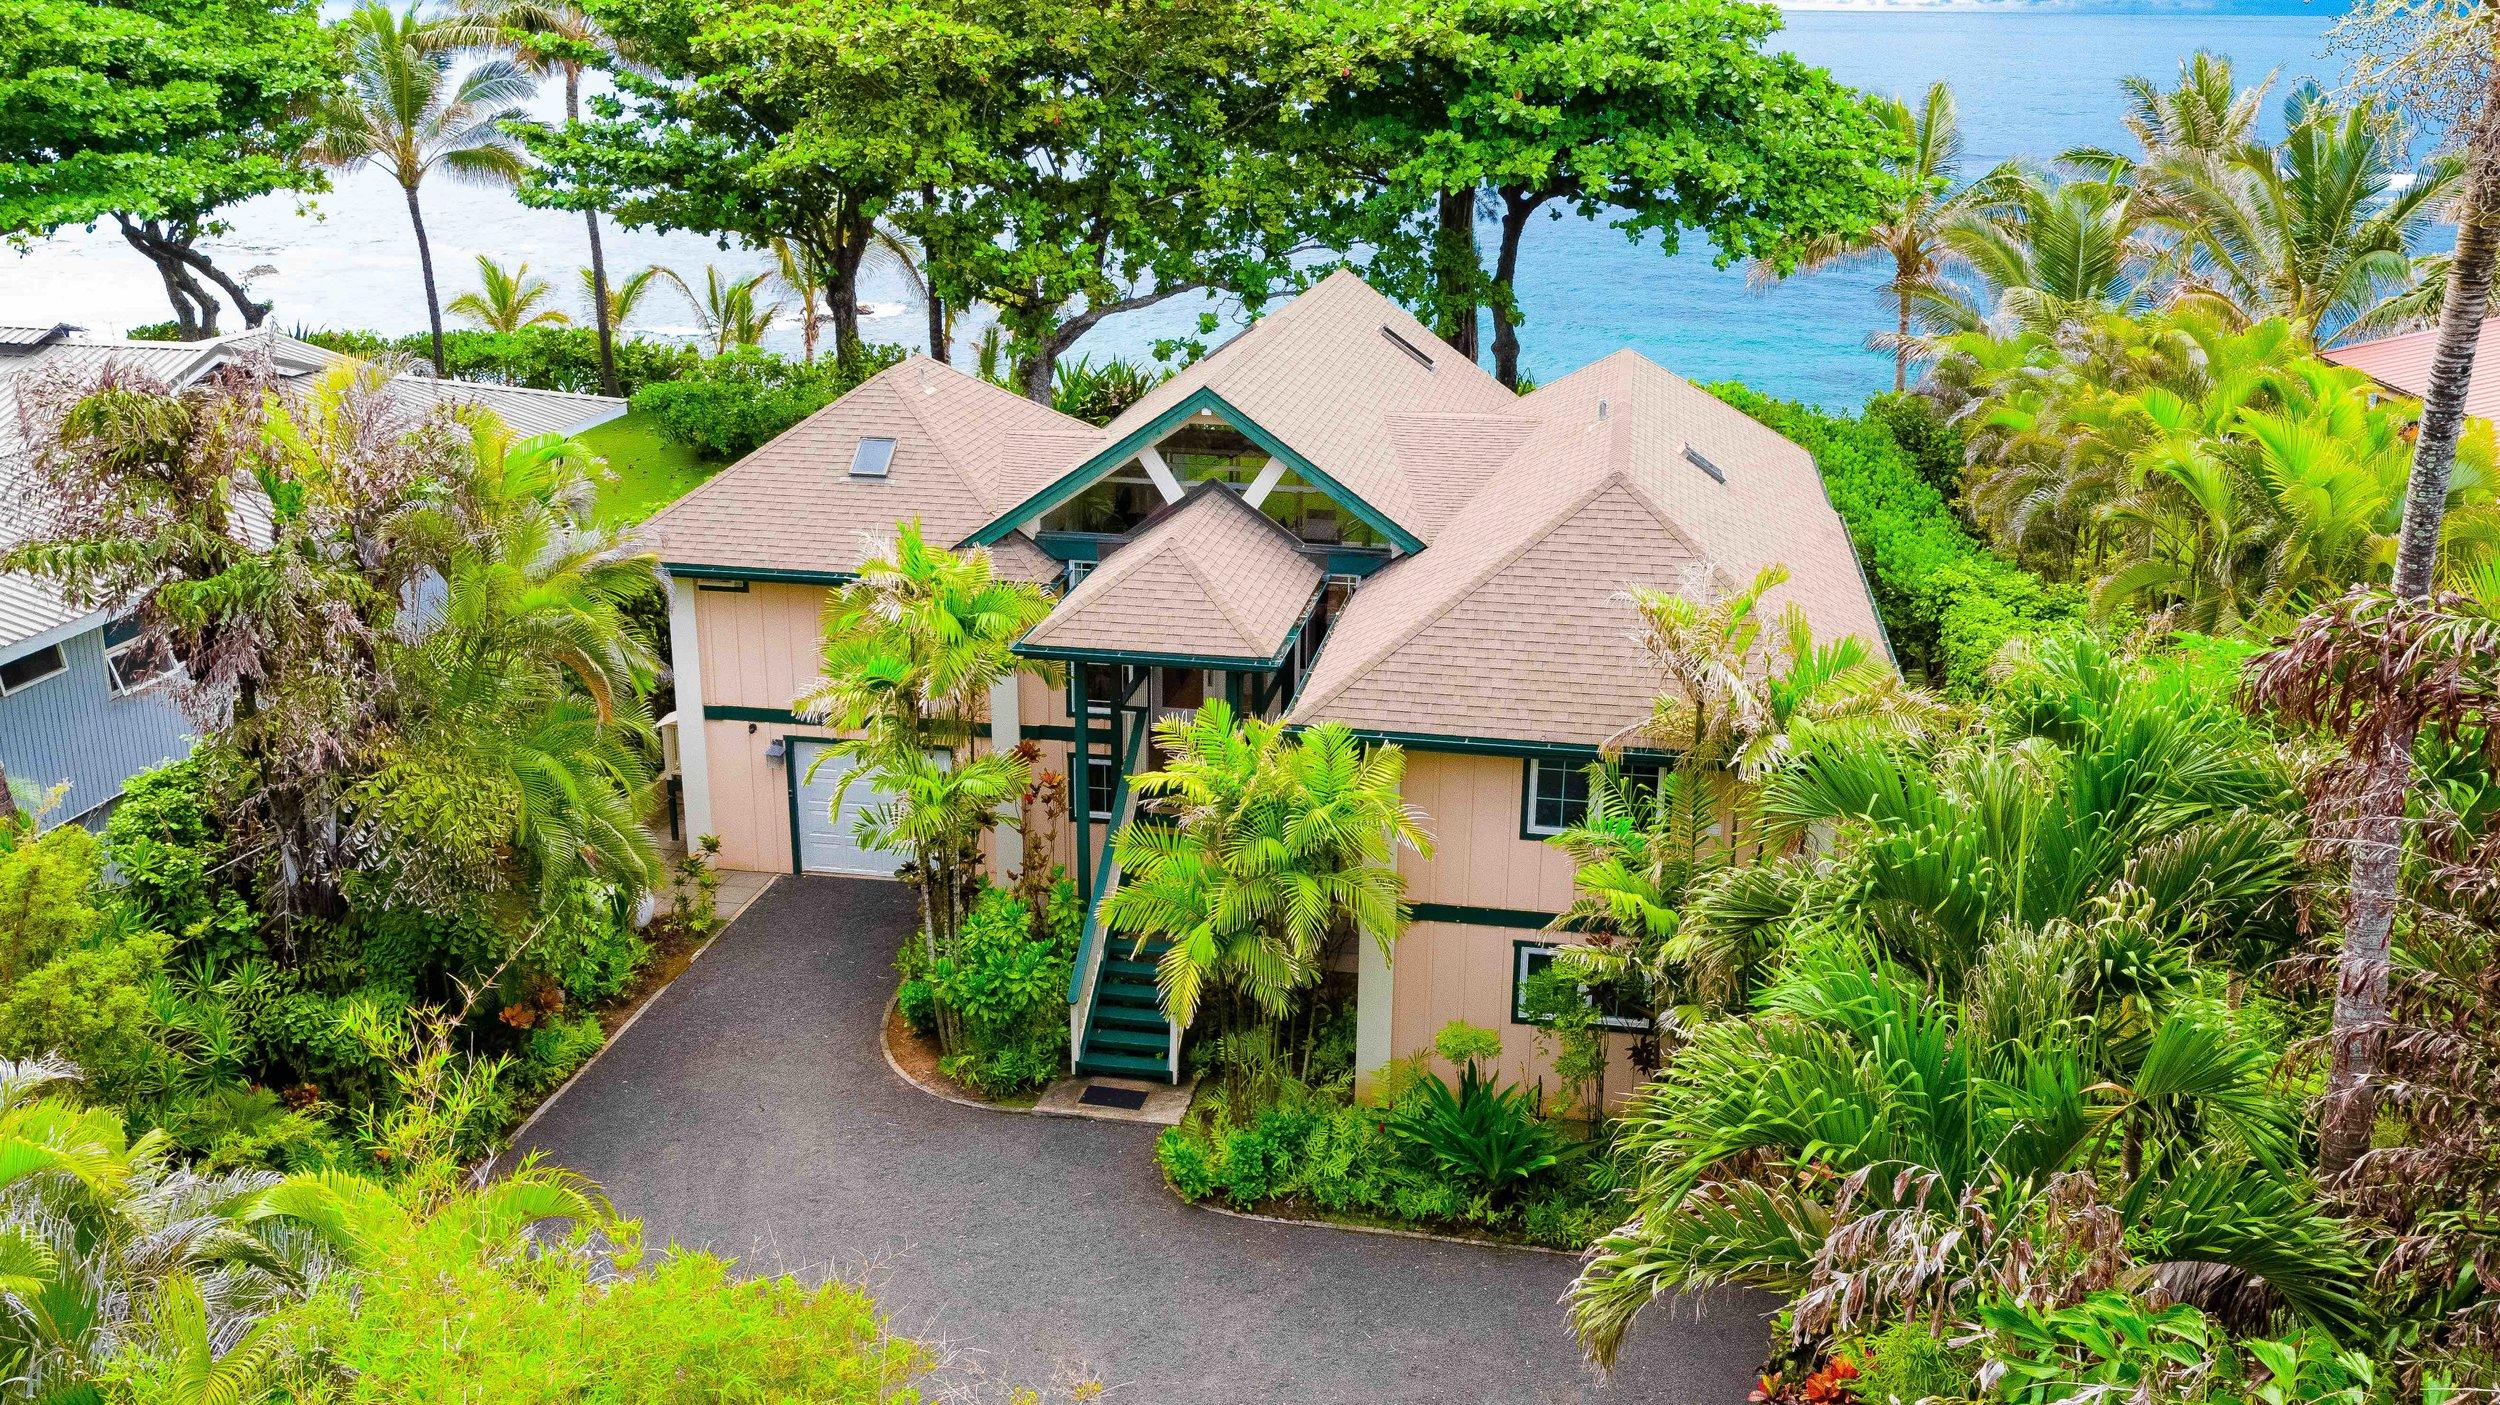 Kauai North Shore Rental